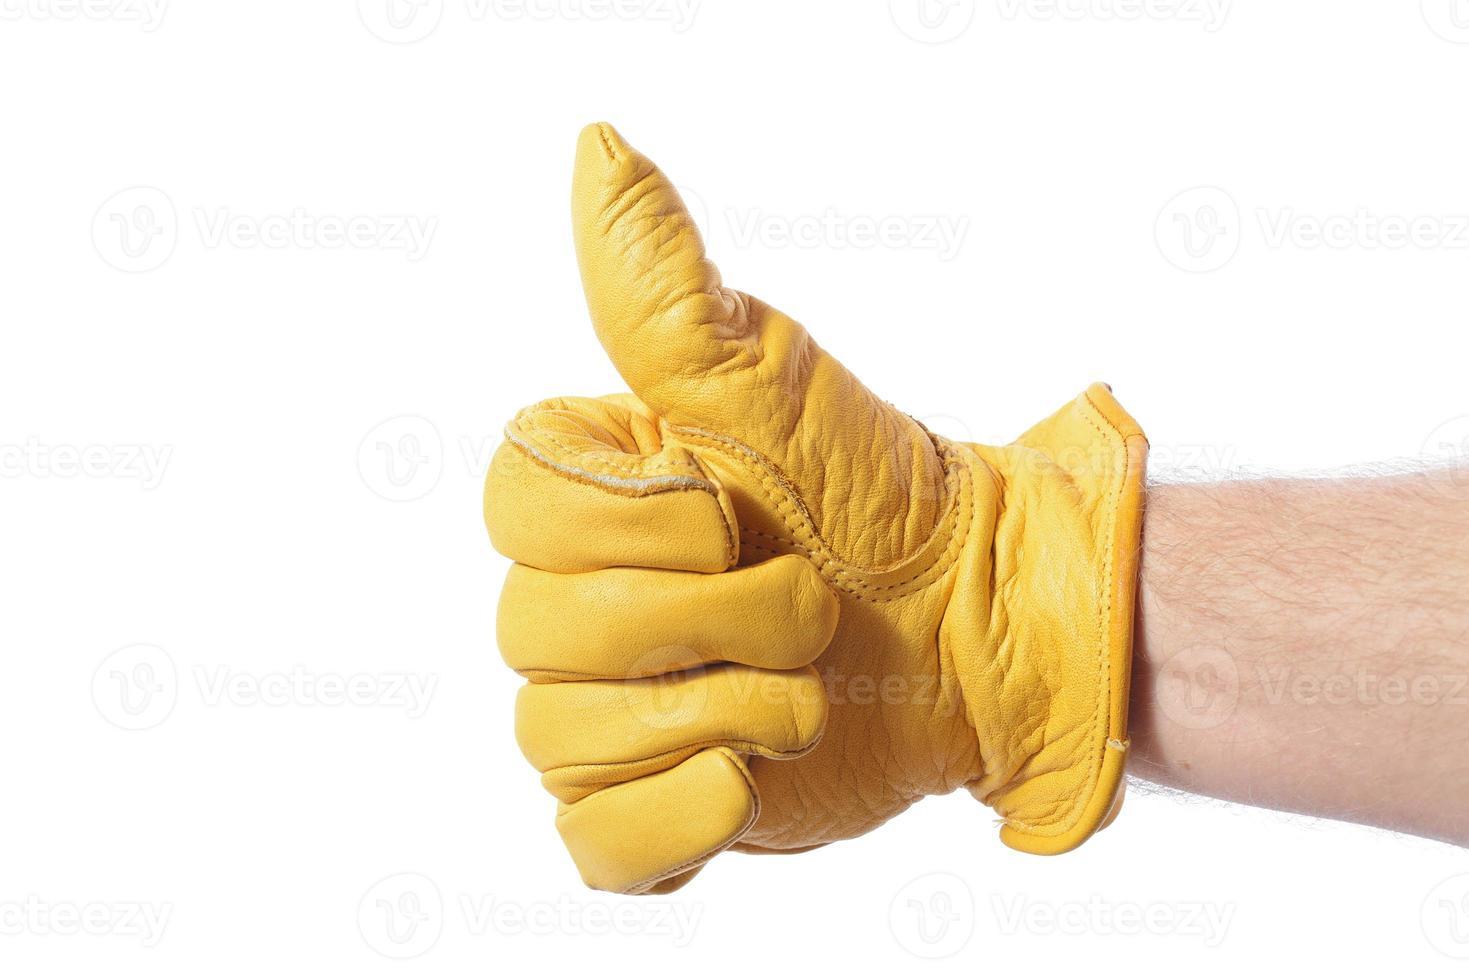 gant de construction pouce en l'air photo